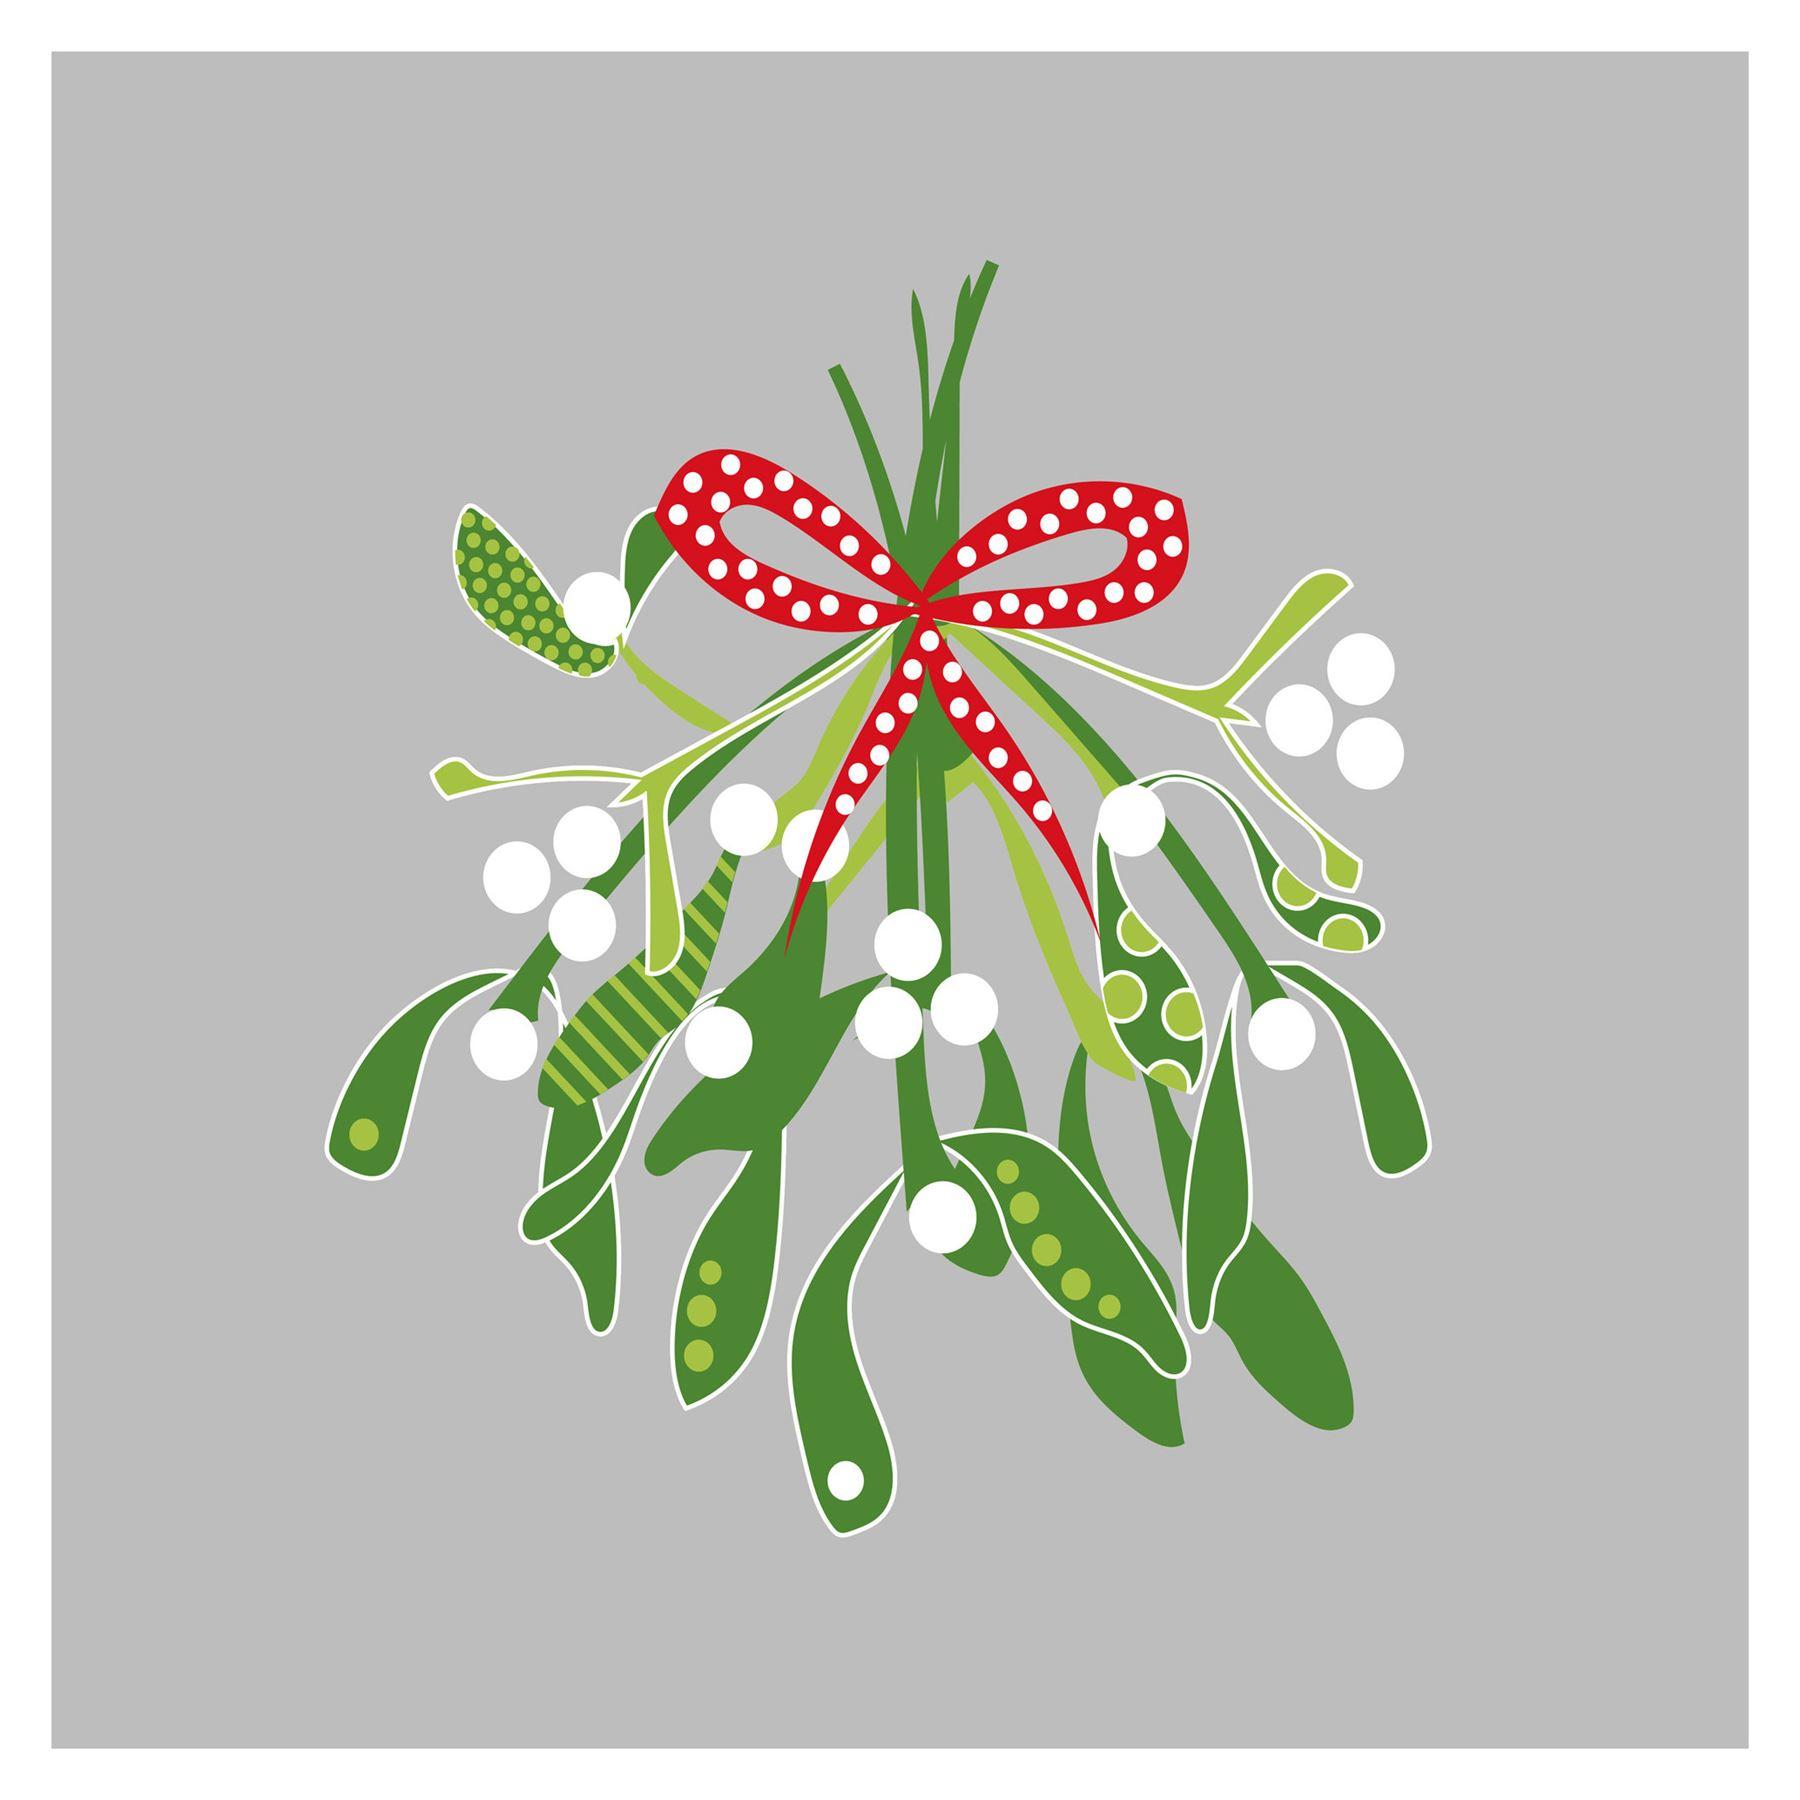 Jungle Rose Flamant vert blanc 13  x 13  33cm x 33cm 20 x 3 plis Serviettes en papier